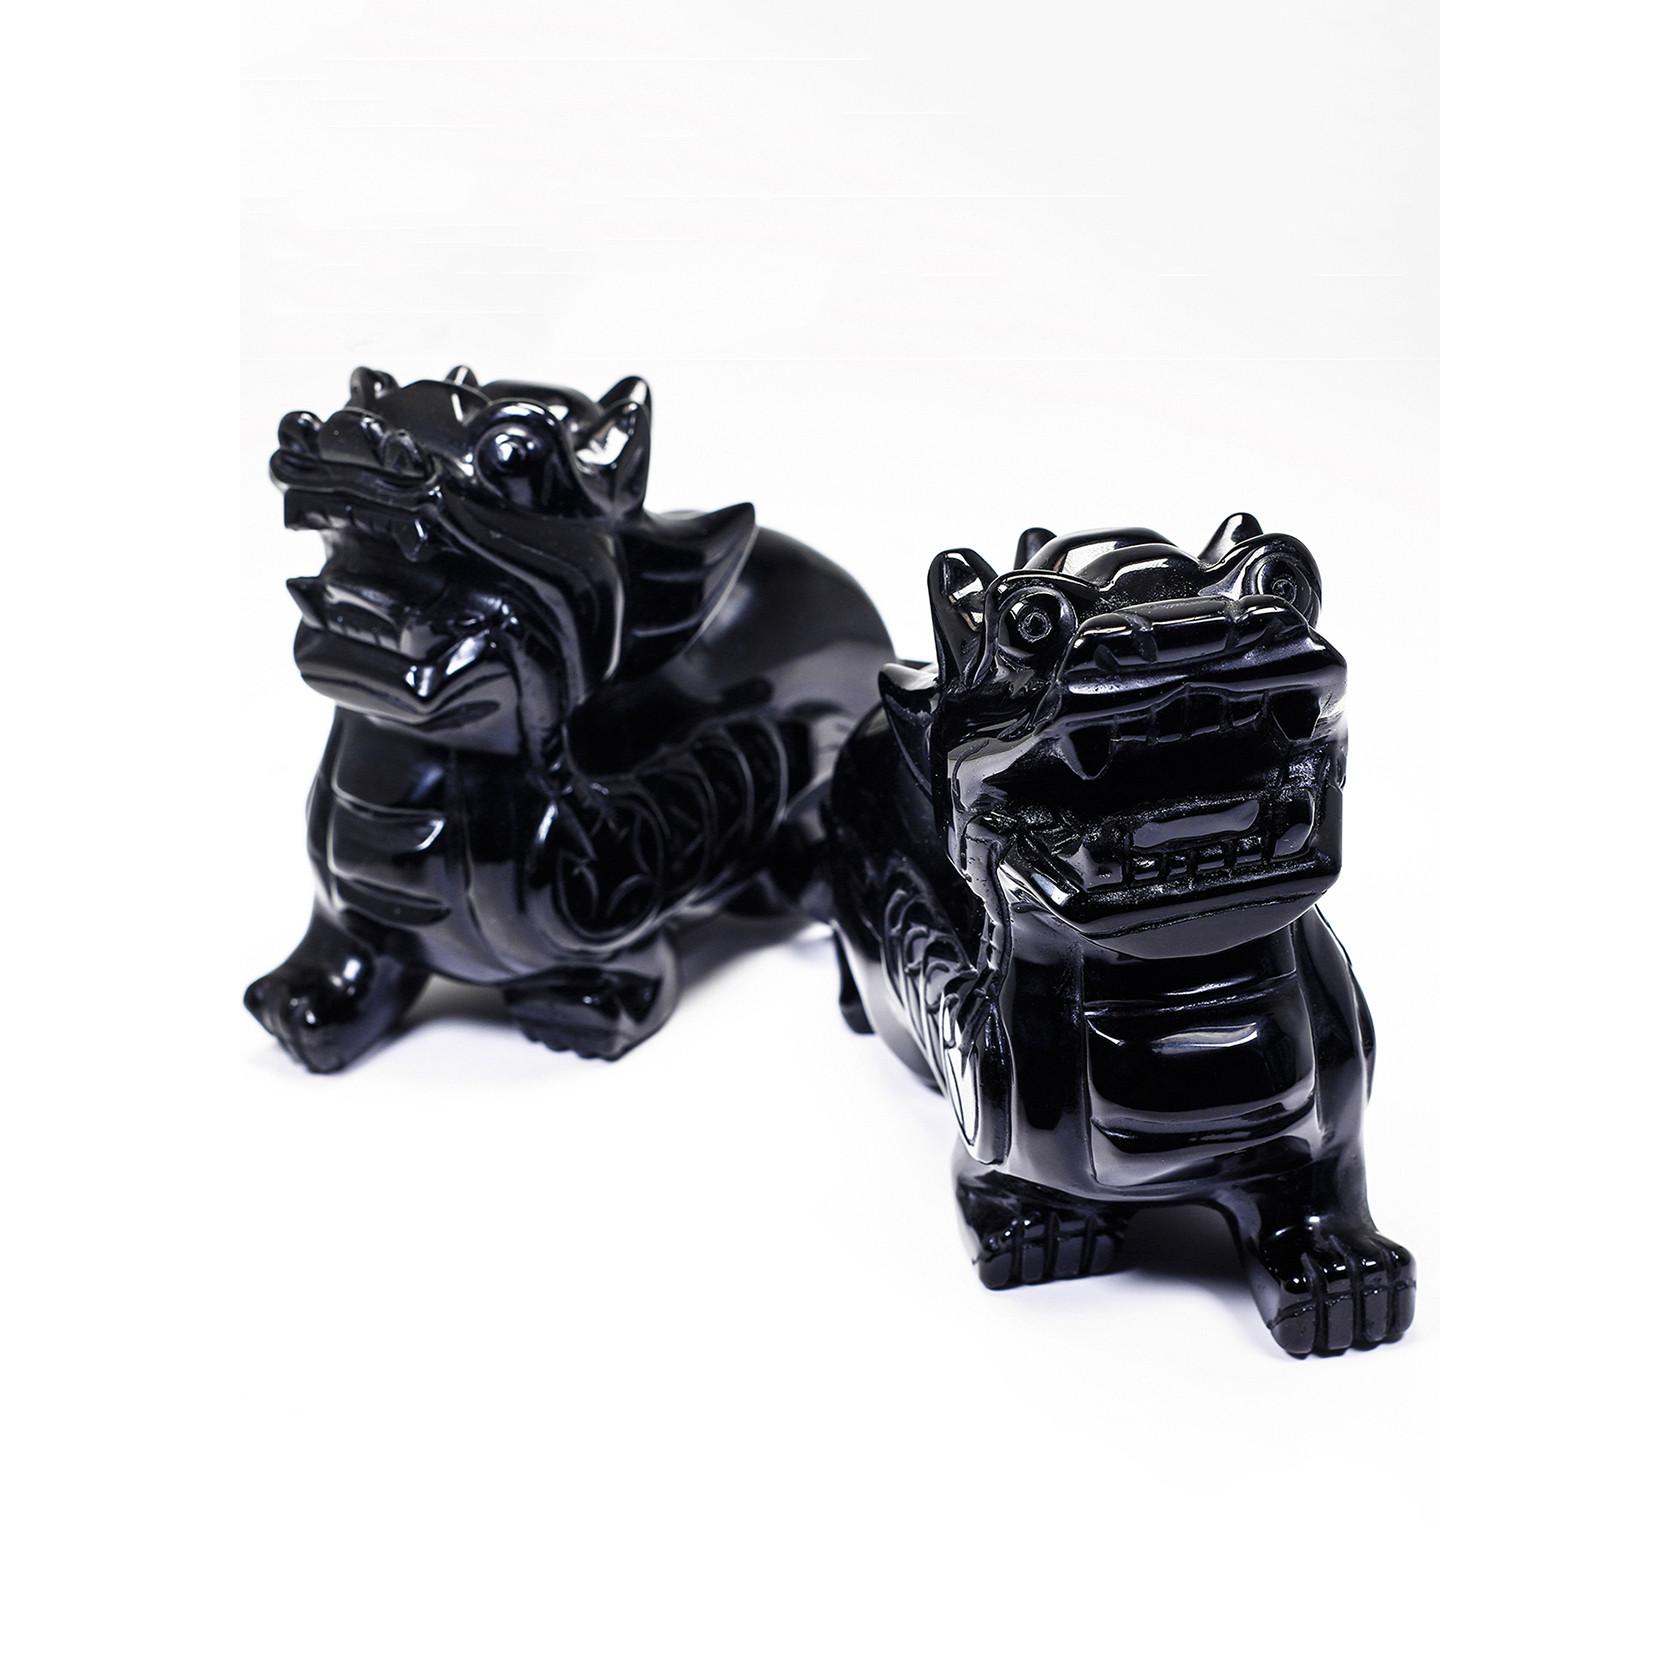 Cặp Tỳ Hưu Tektit mệnh thủy,mộc - Ngọc Quý Gemstones